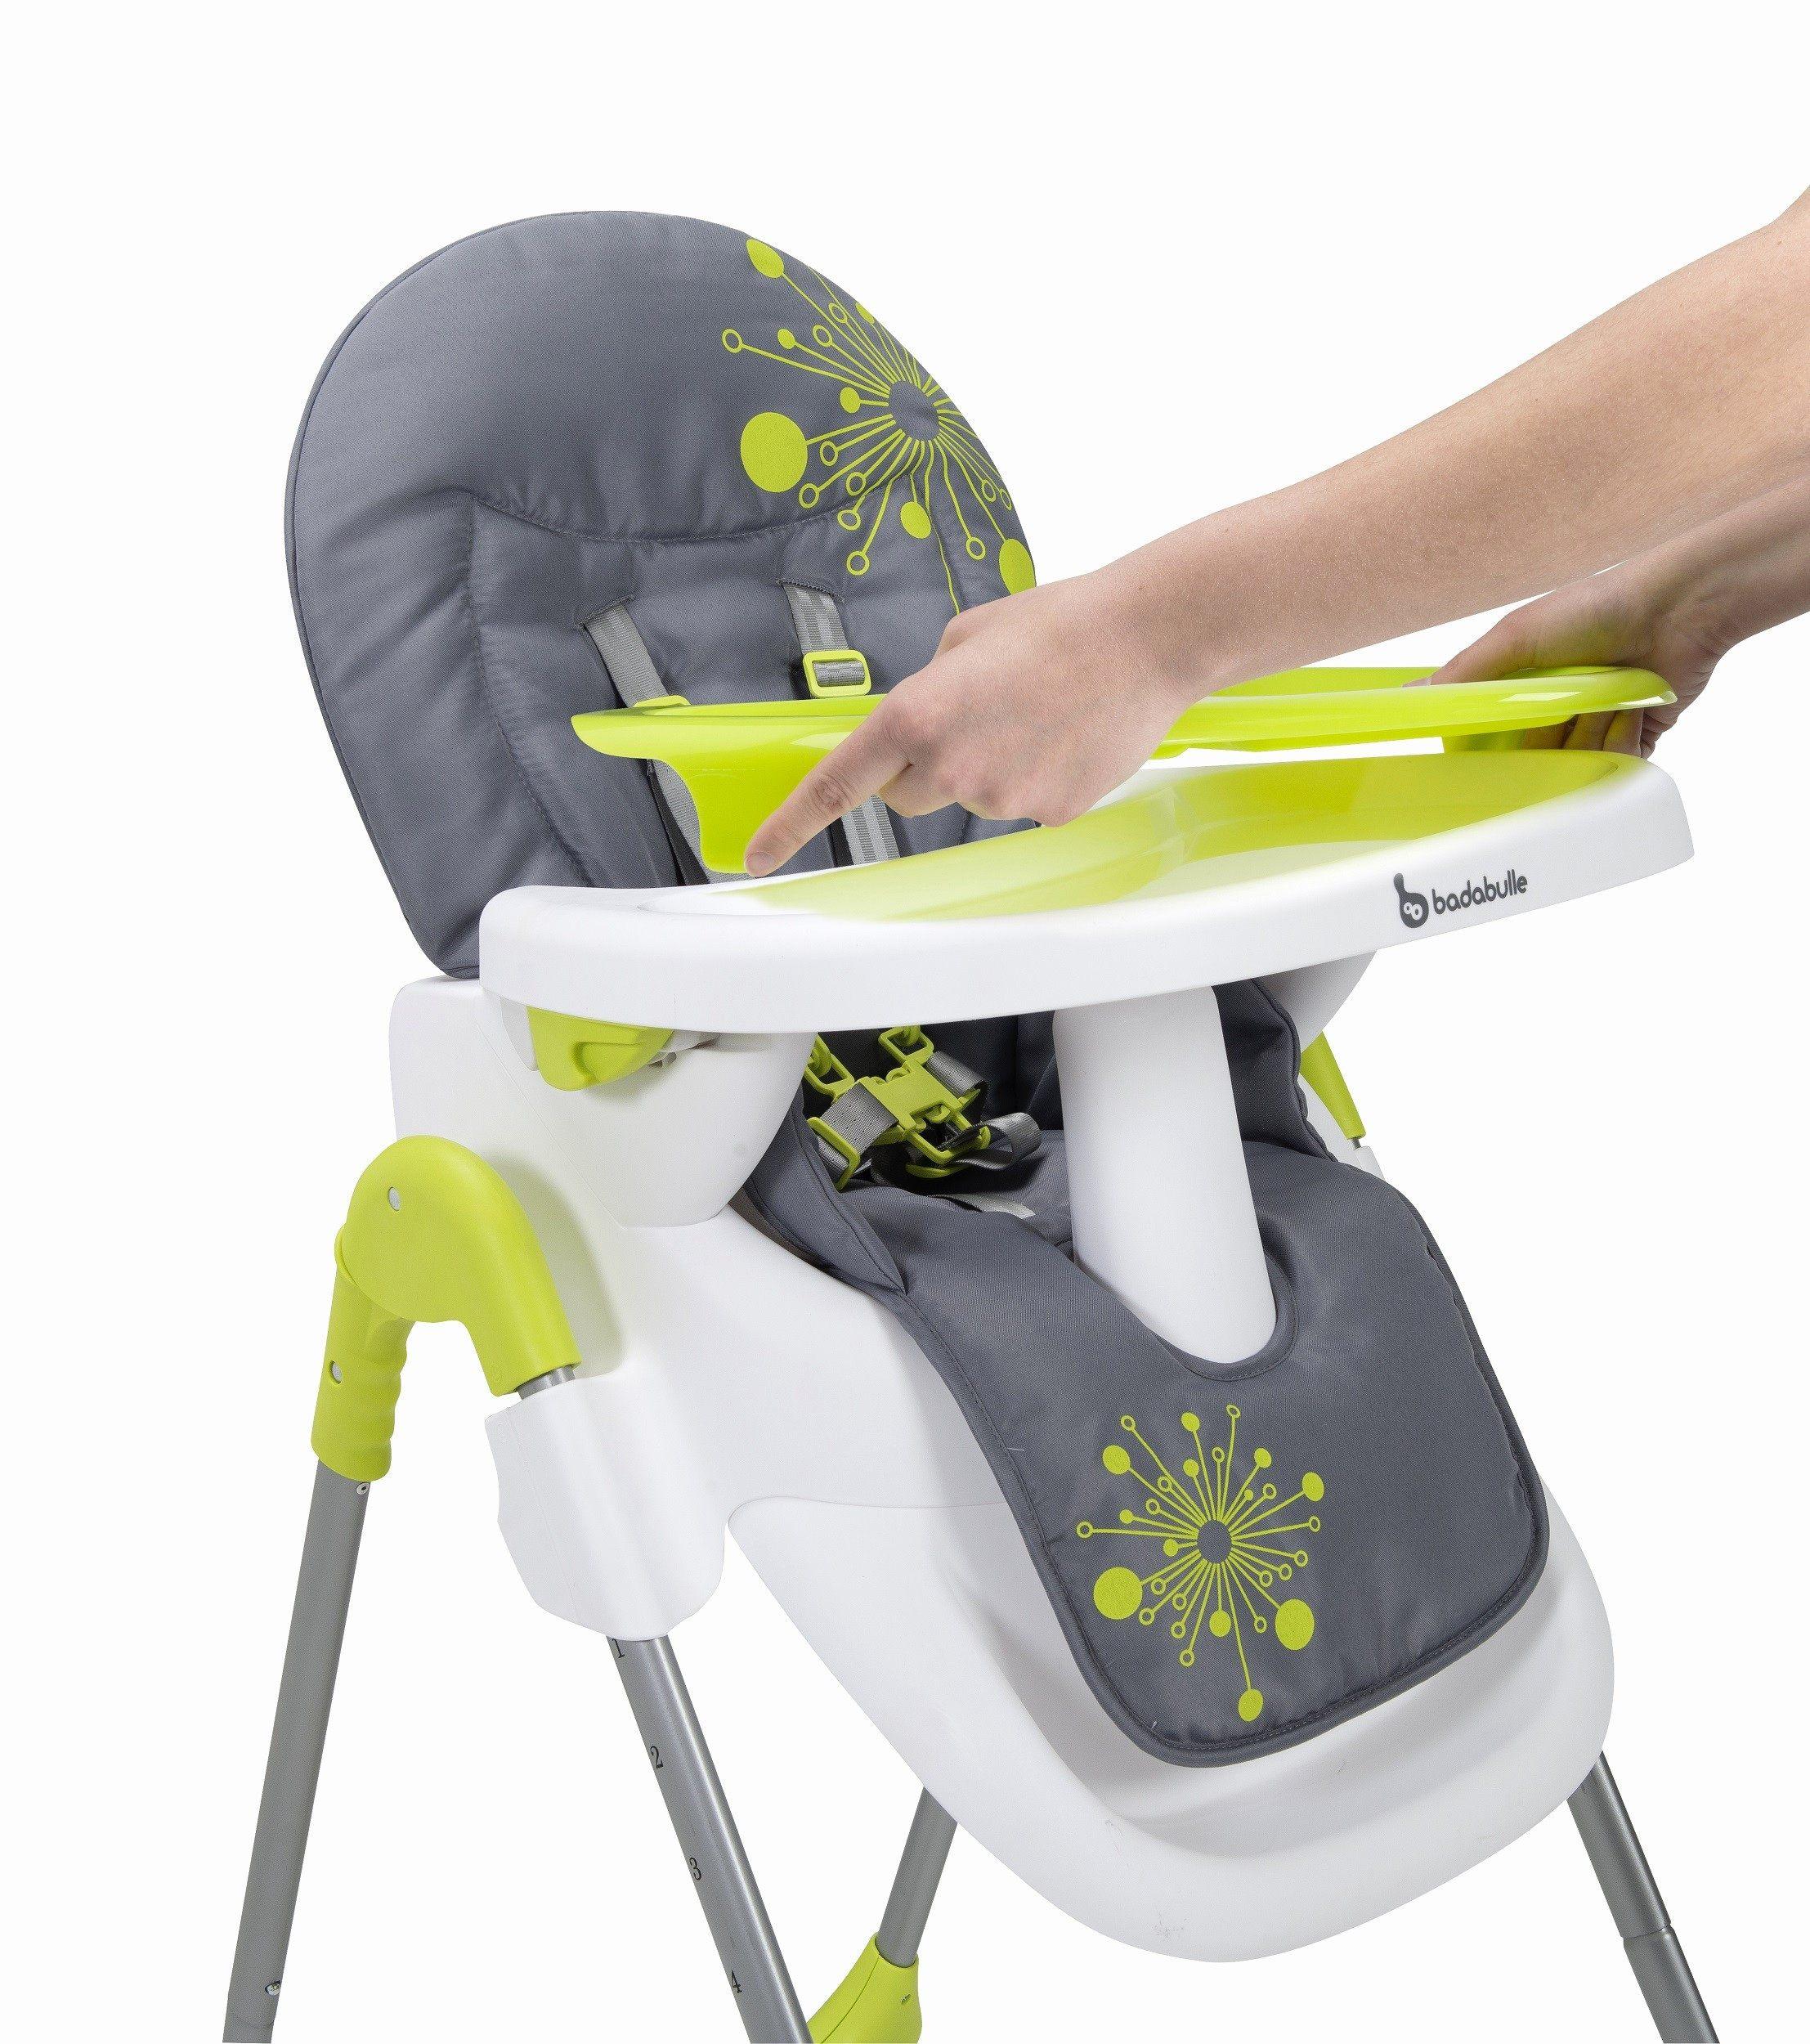 Lit Bébé Conforama Joli Charmant Baignoire Bébé Babymoov Baignoire Pour Bebe Frais Parc B C3